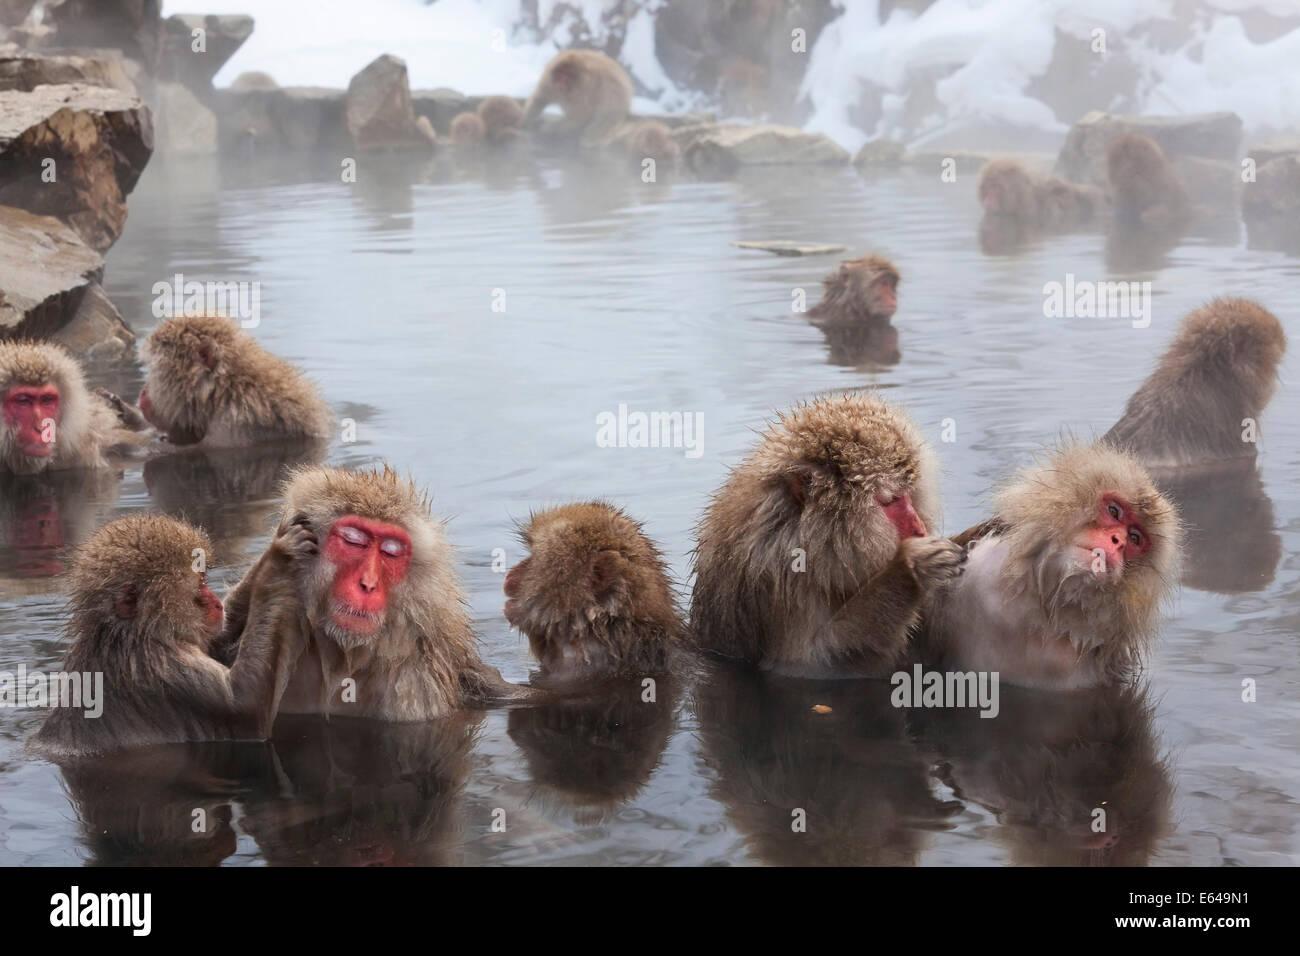 El macaco japonés (Macaca fuscata)/ mono de las Nieves, Parque Nacional Joshin-etsu, Honshu, Japón Imagen De Stock